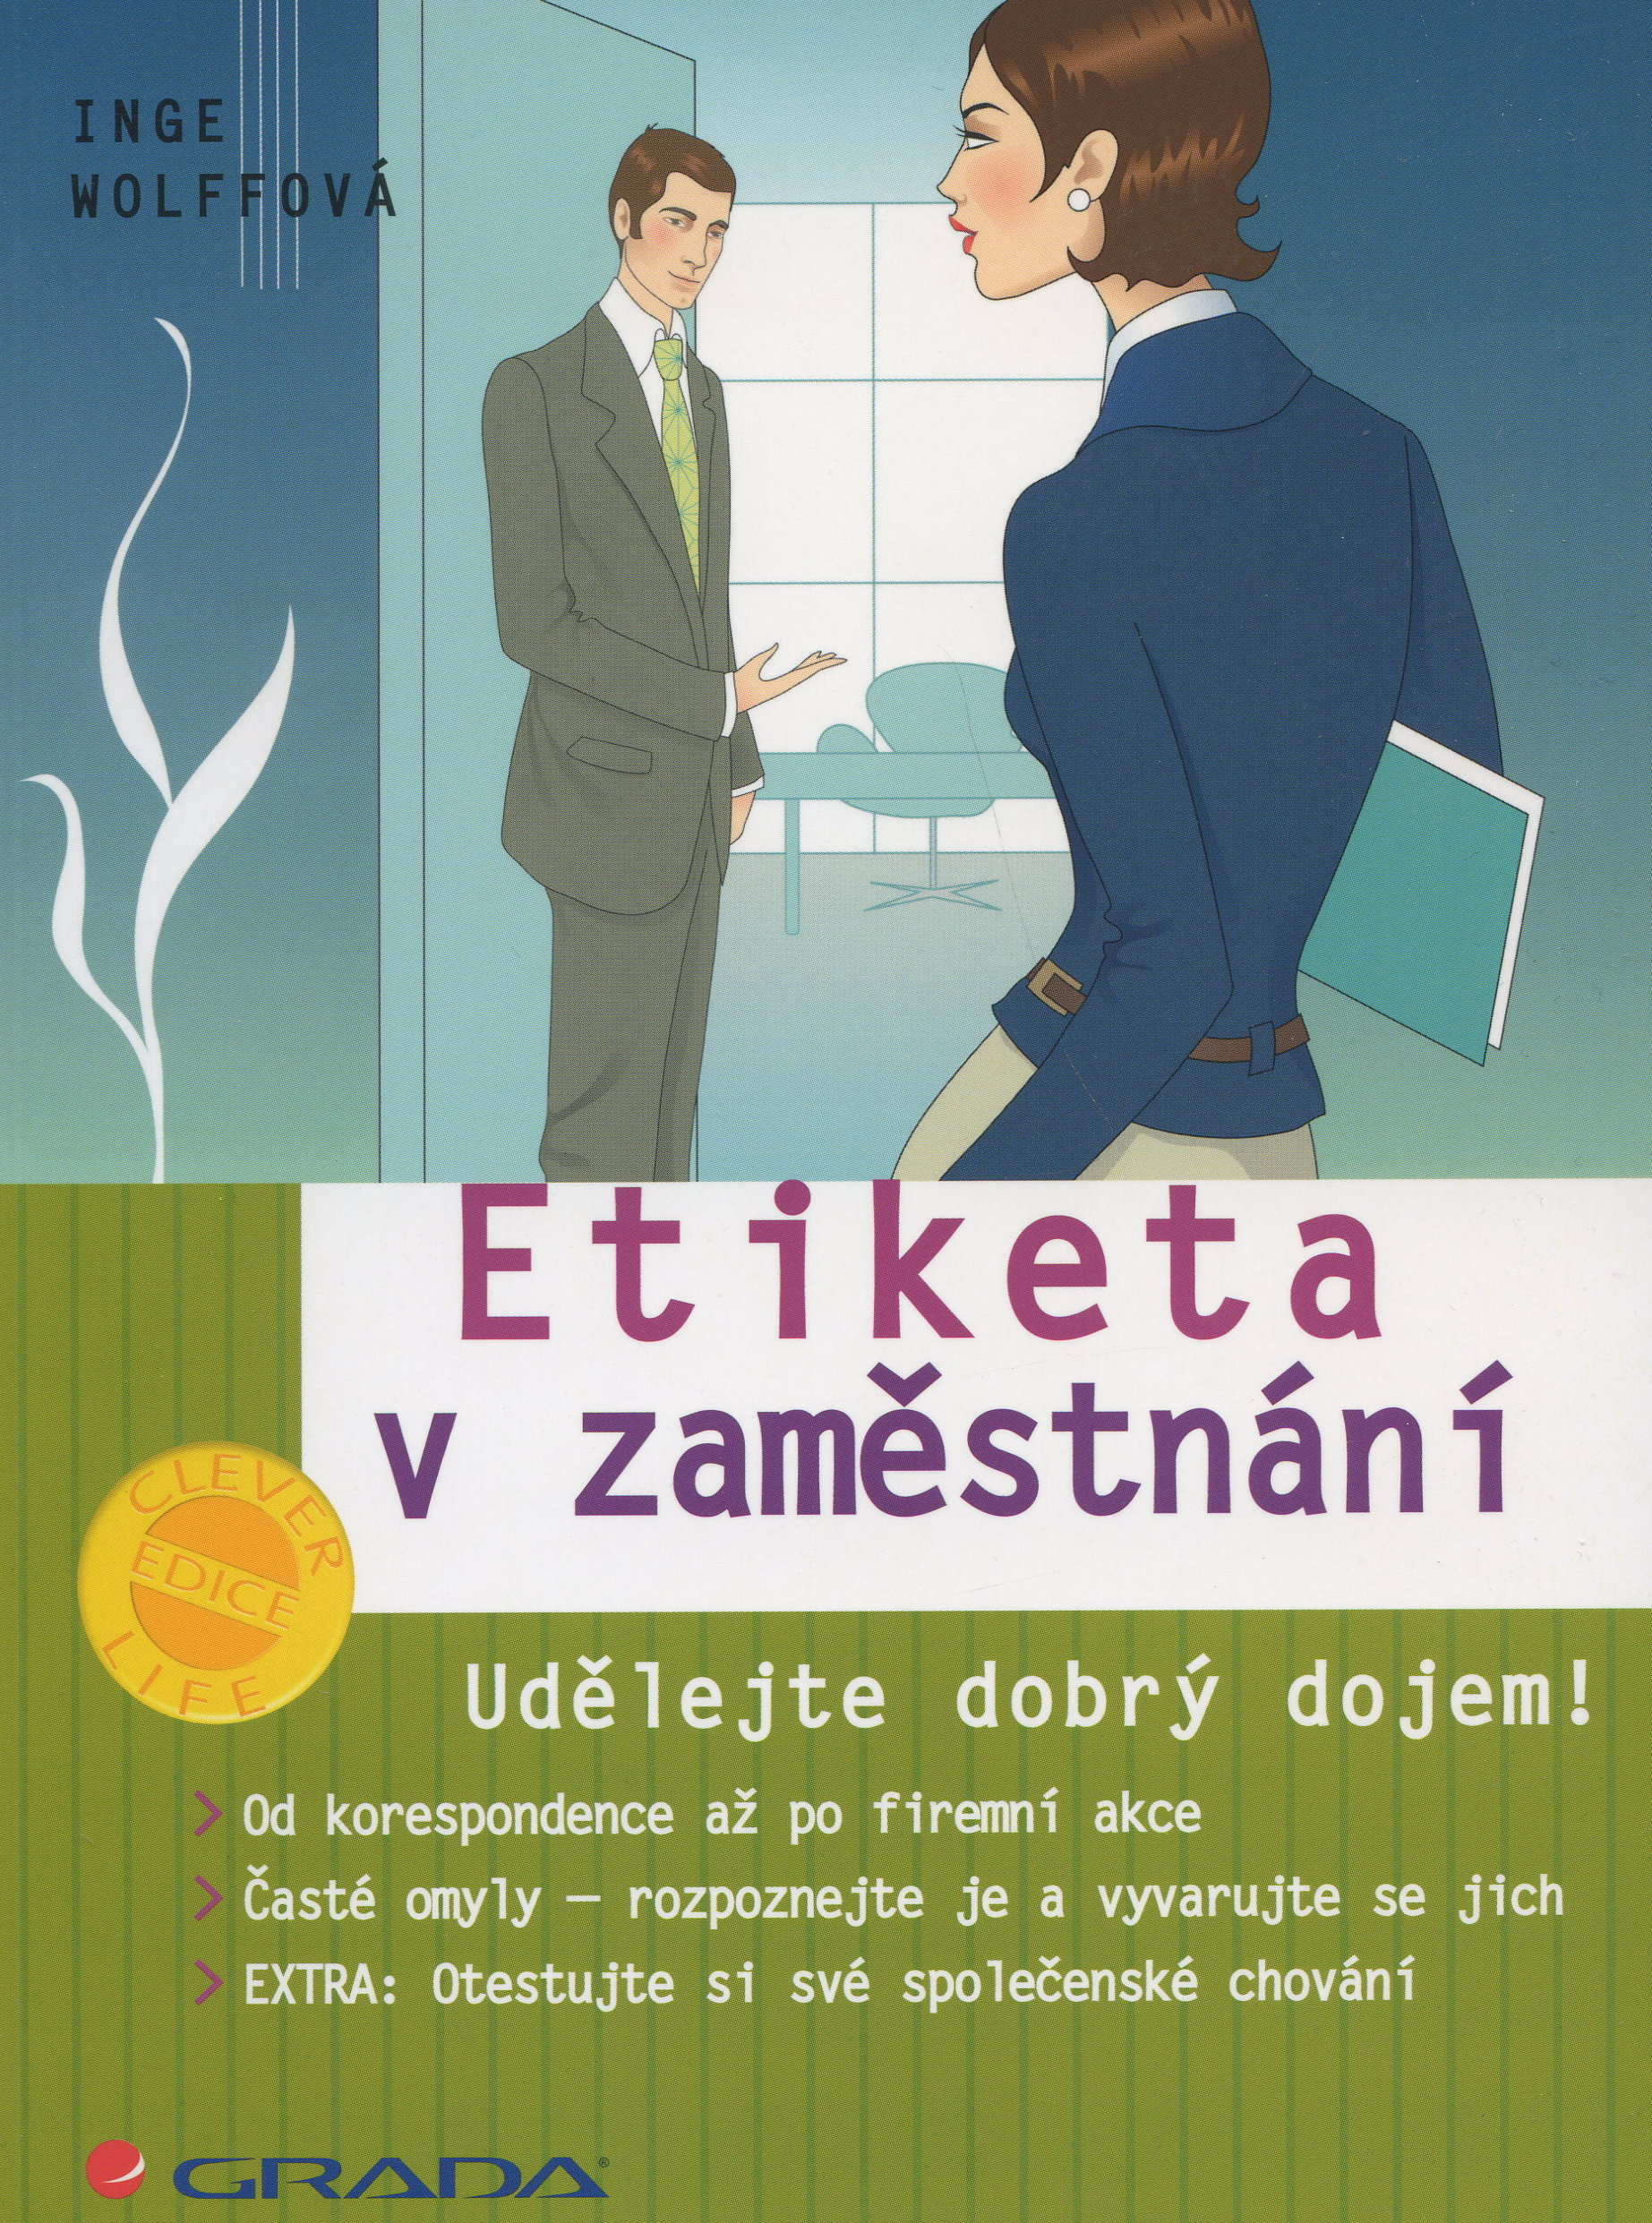 Etiketa v zaměstnání - udělejte dobrý dojem!